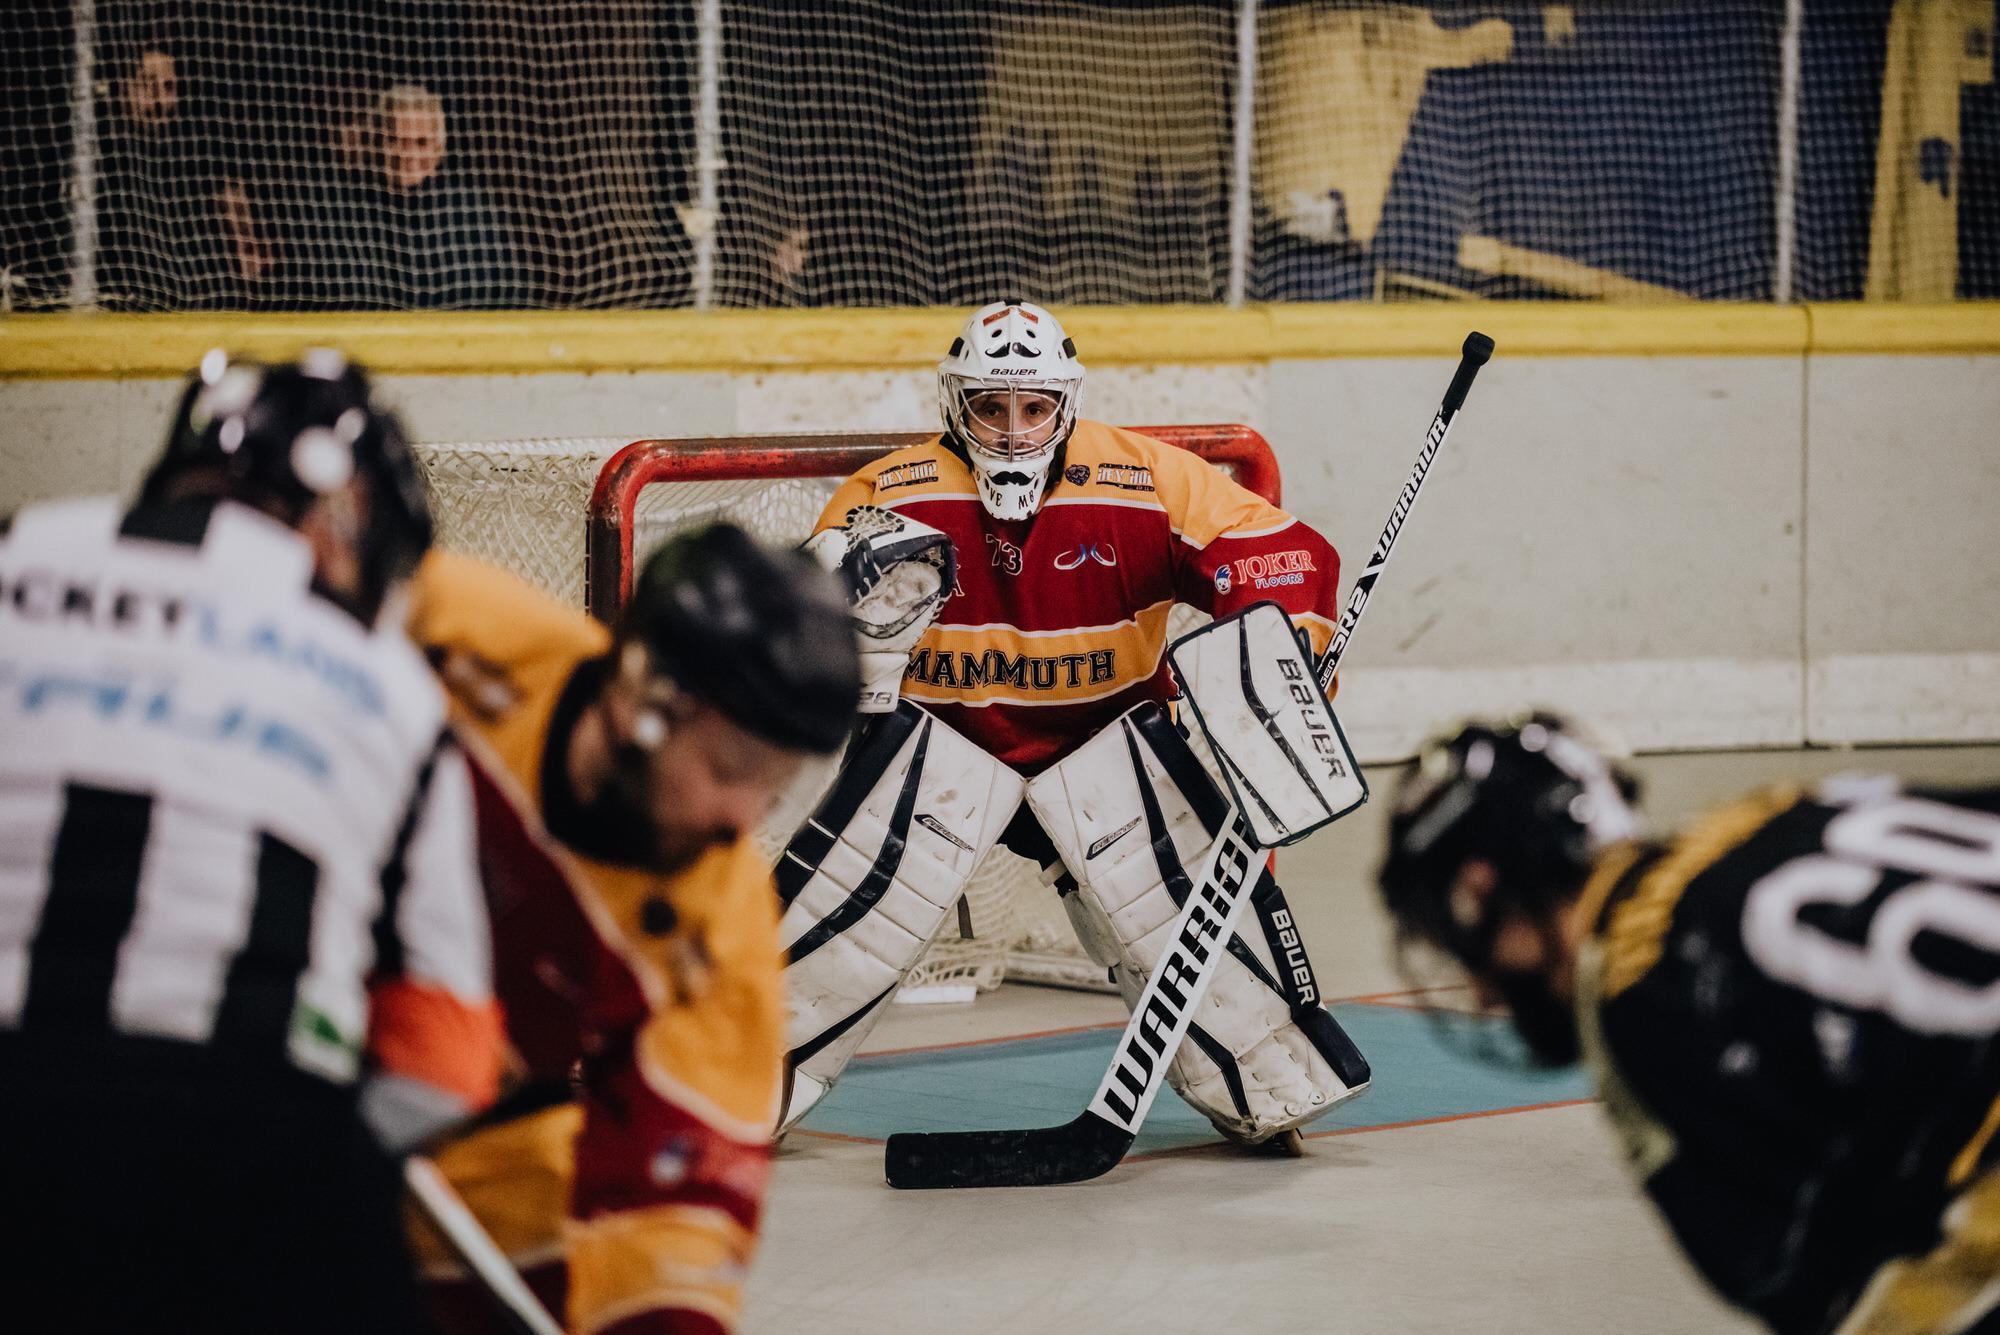 inline hockey, hockey roma, roller hockey roma, mammuth roma, mammuth hockey, inline hockey italia, italia hockey, italy